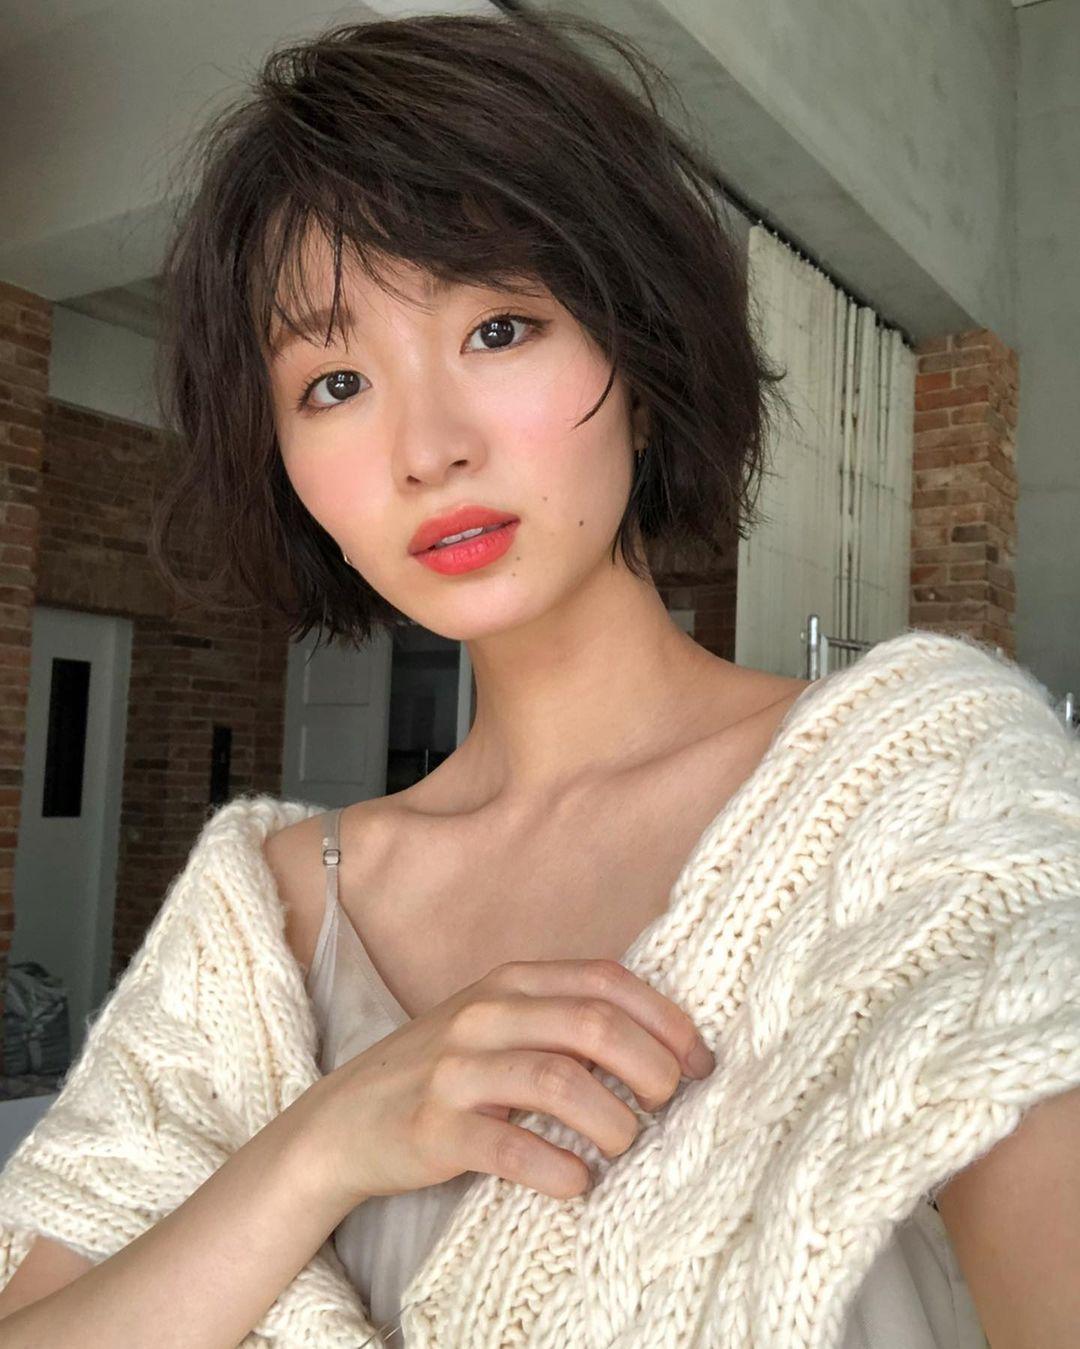 日系时尚杂志模特冈崎纱绘清甜笑容亲和力十足完全就是女友理想型 网络美女 第34张